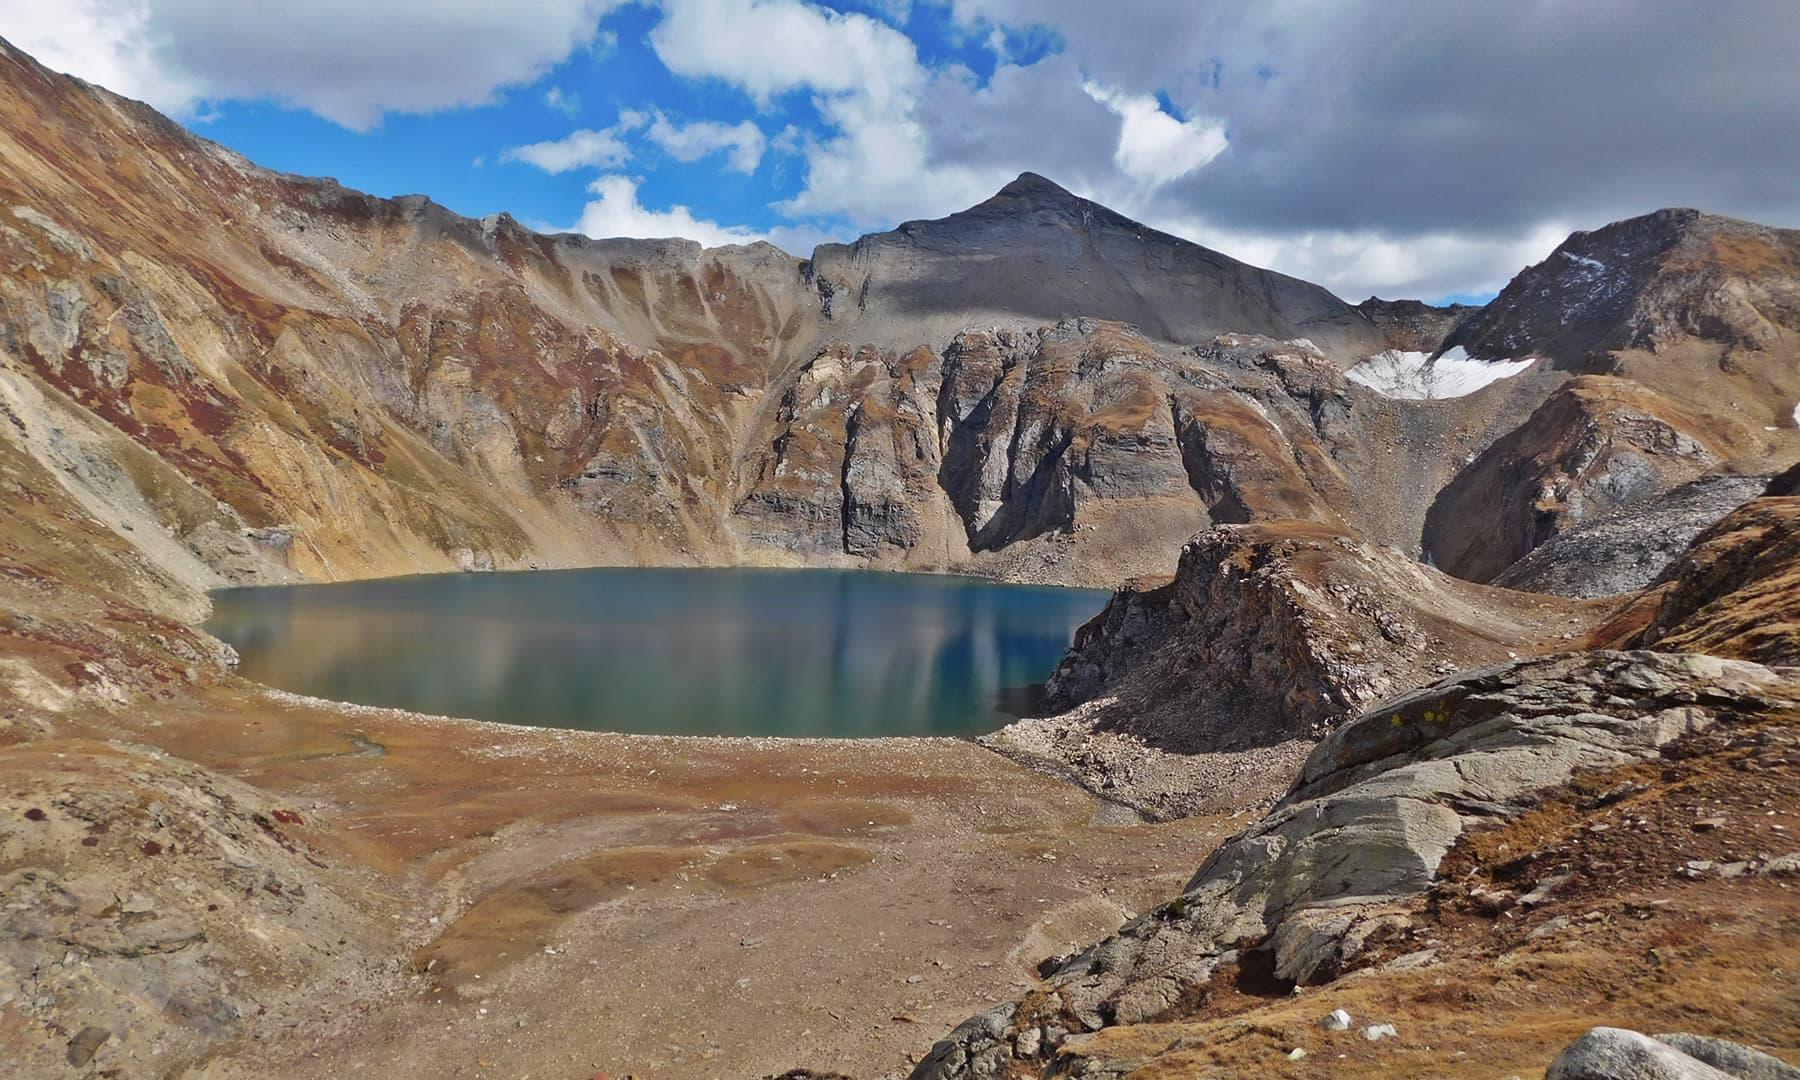 جھیل کے نظارے نے ساری تھکاوٹ کی دور کردی—تصویر عظمت اکبر